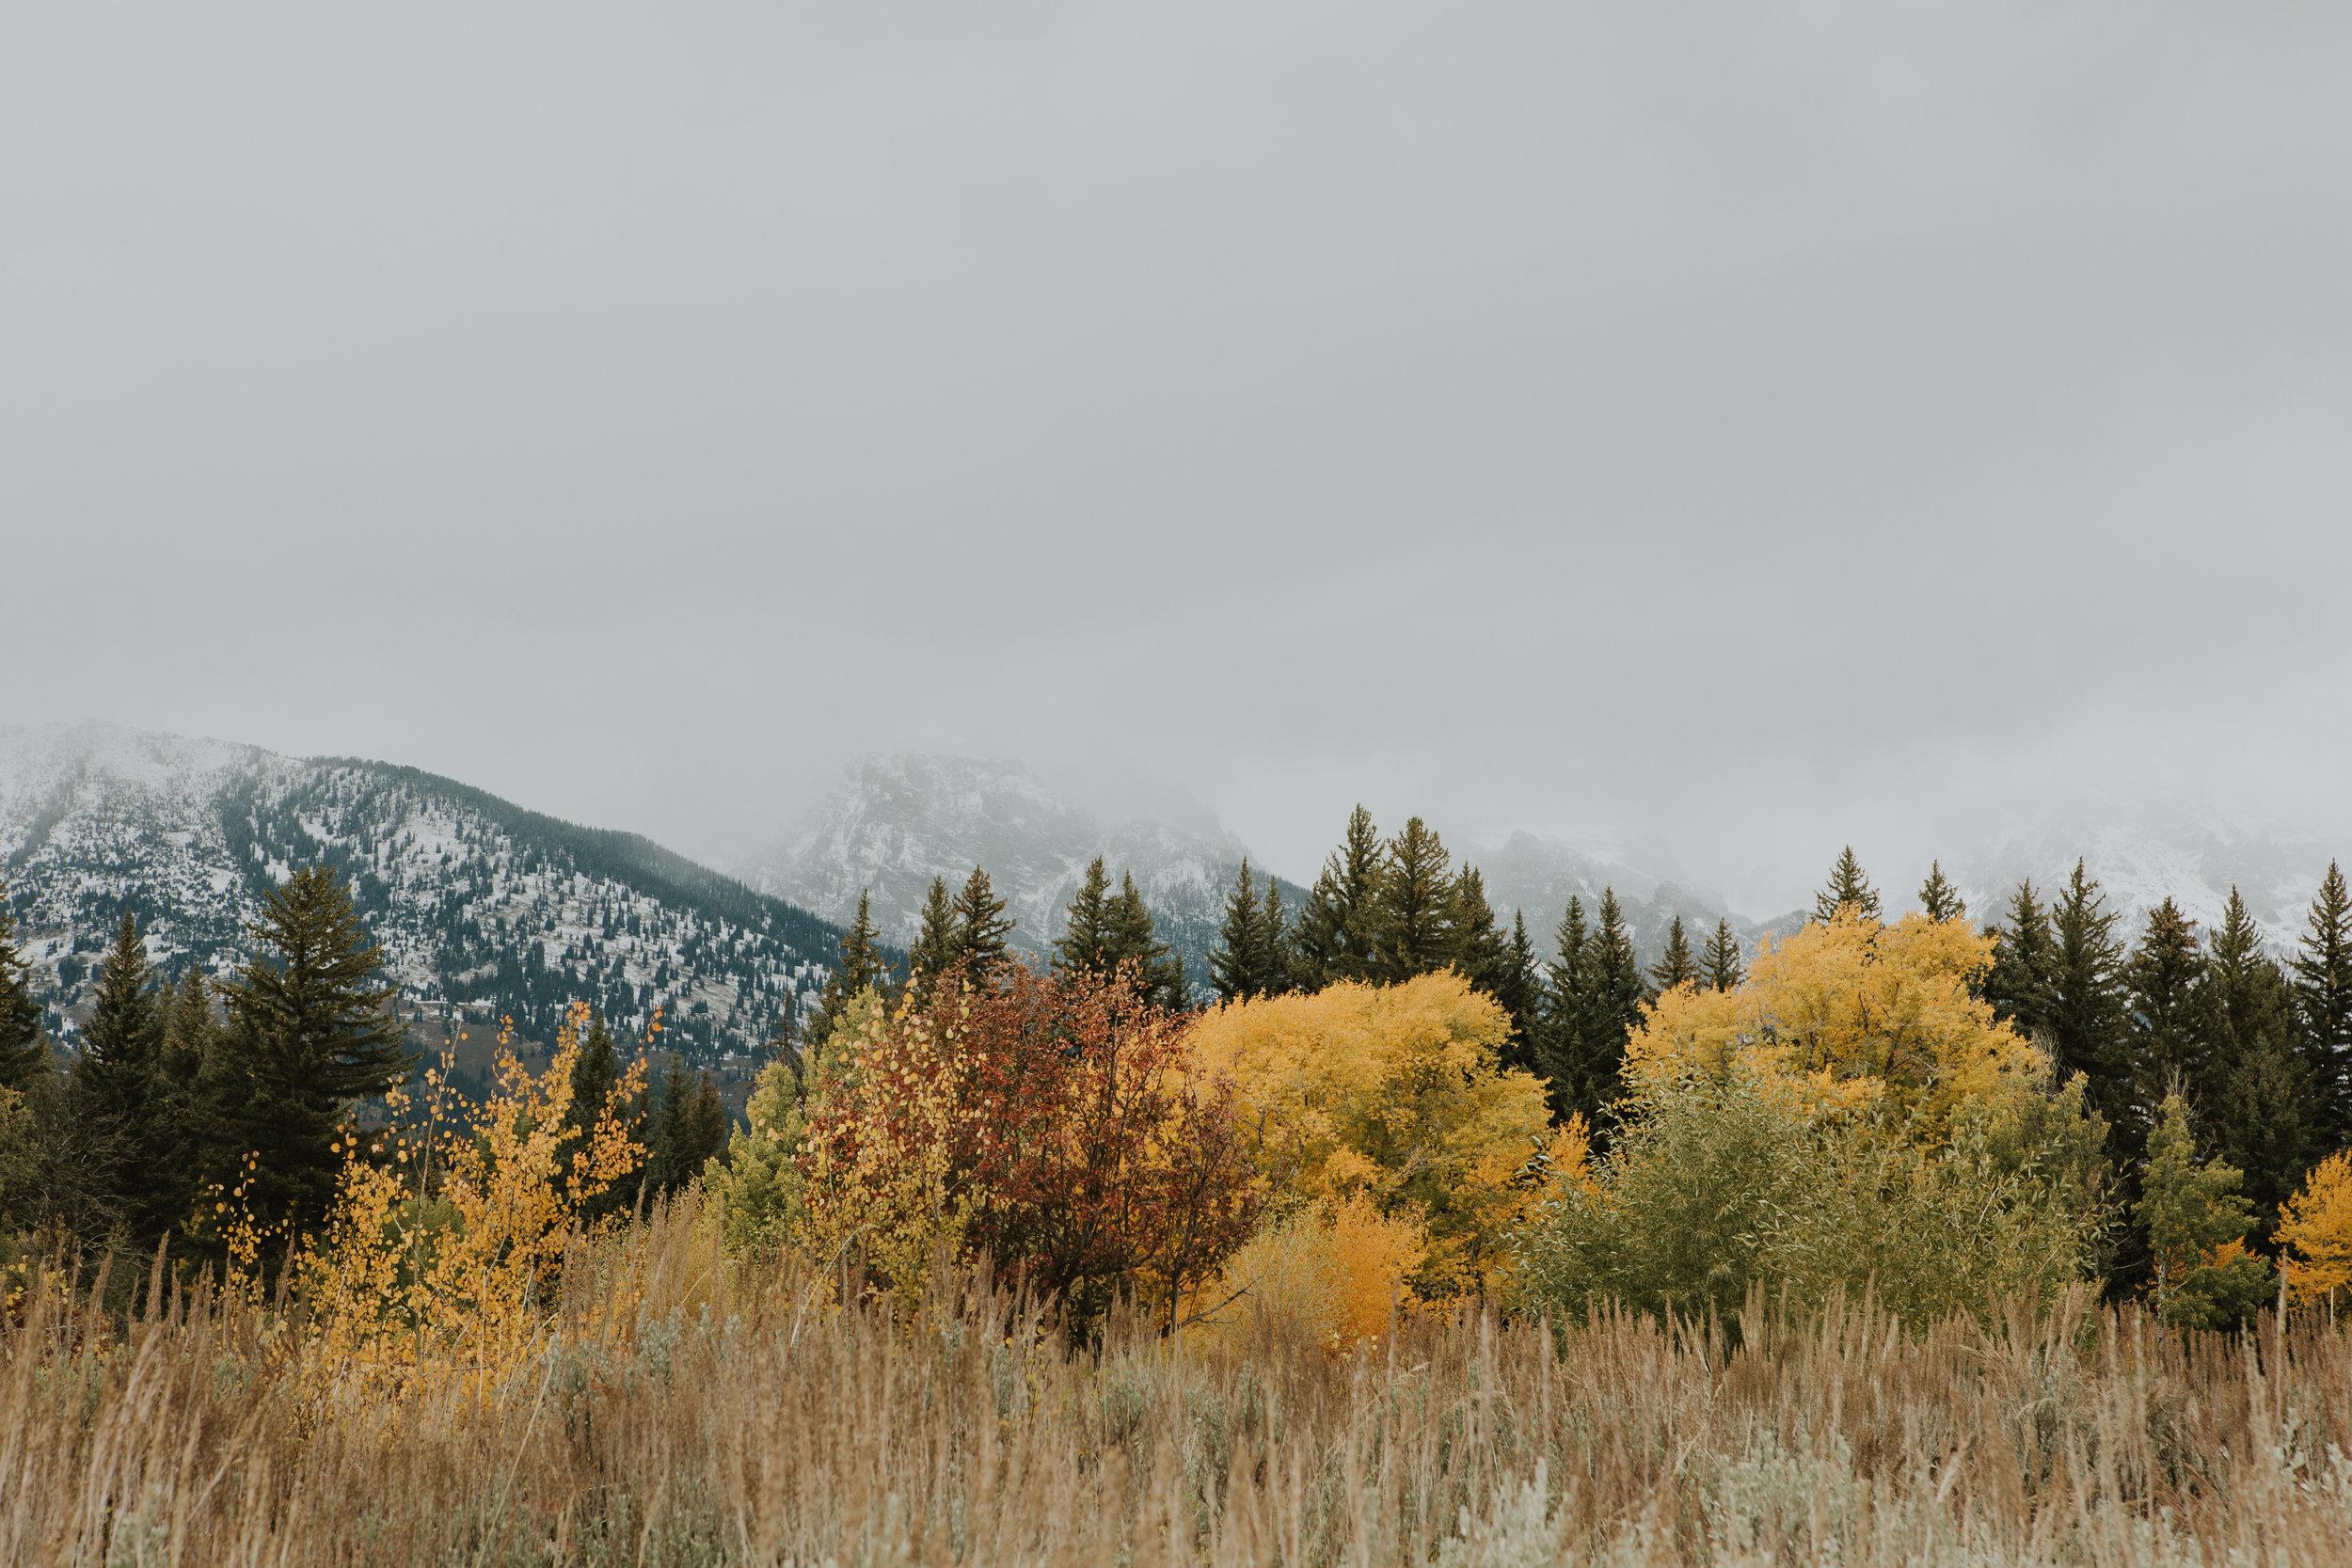 CindyGiovagnoli_Grand_Teton_National_Park_mountains_Bison_Autumn_Wyoming_Mormon_Row_aspens_fall_outdoor_photographer-004.jpg